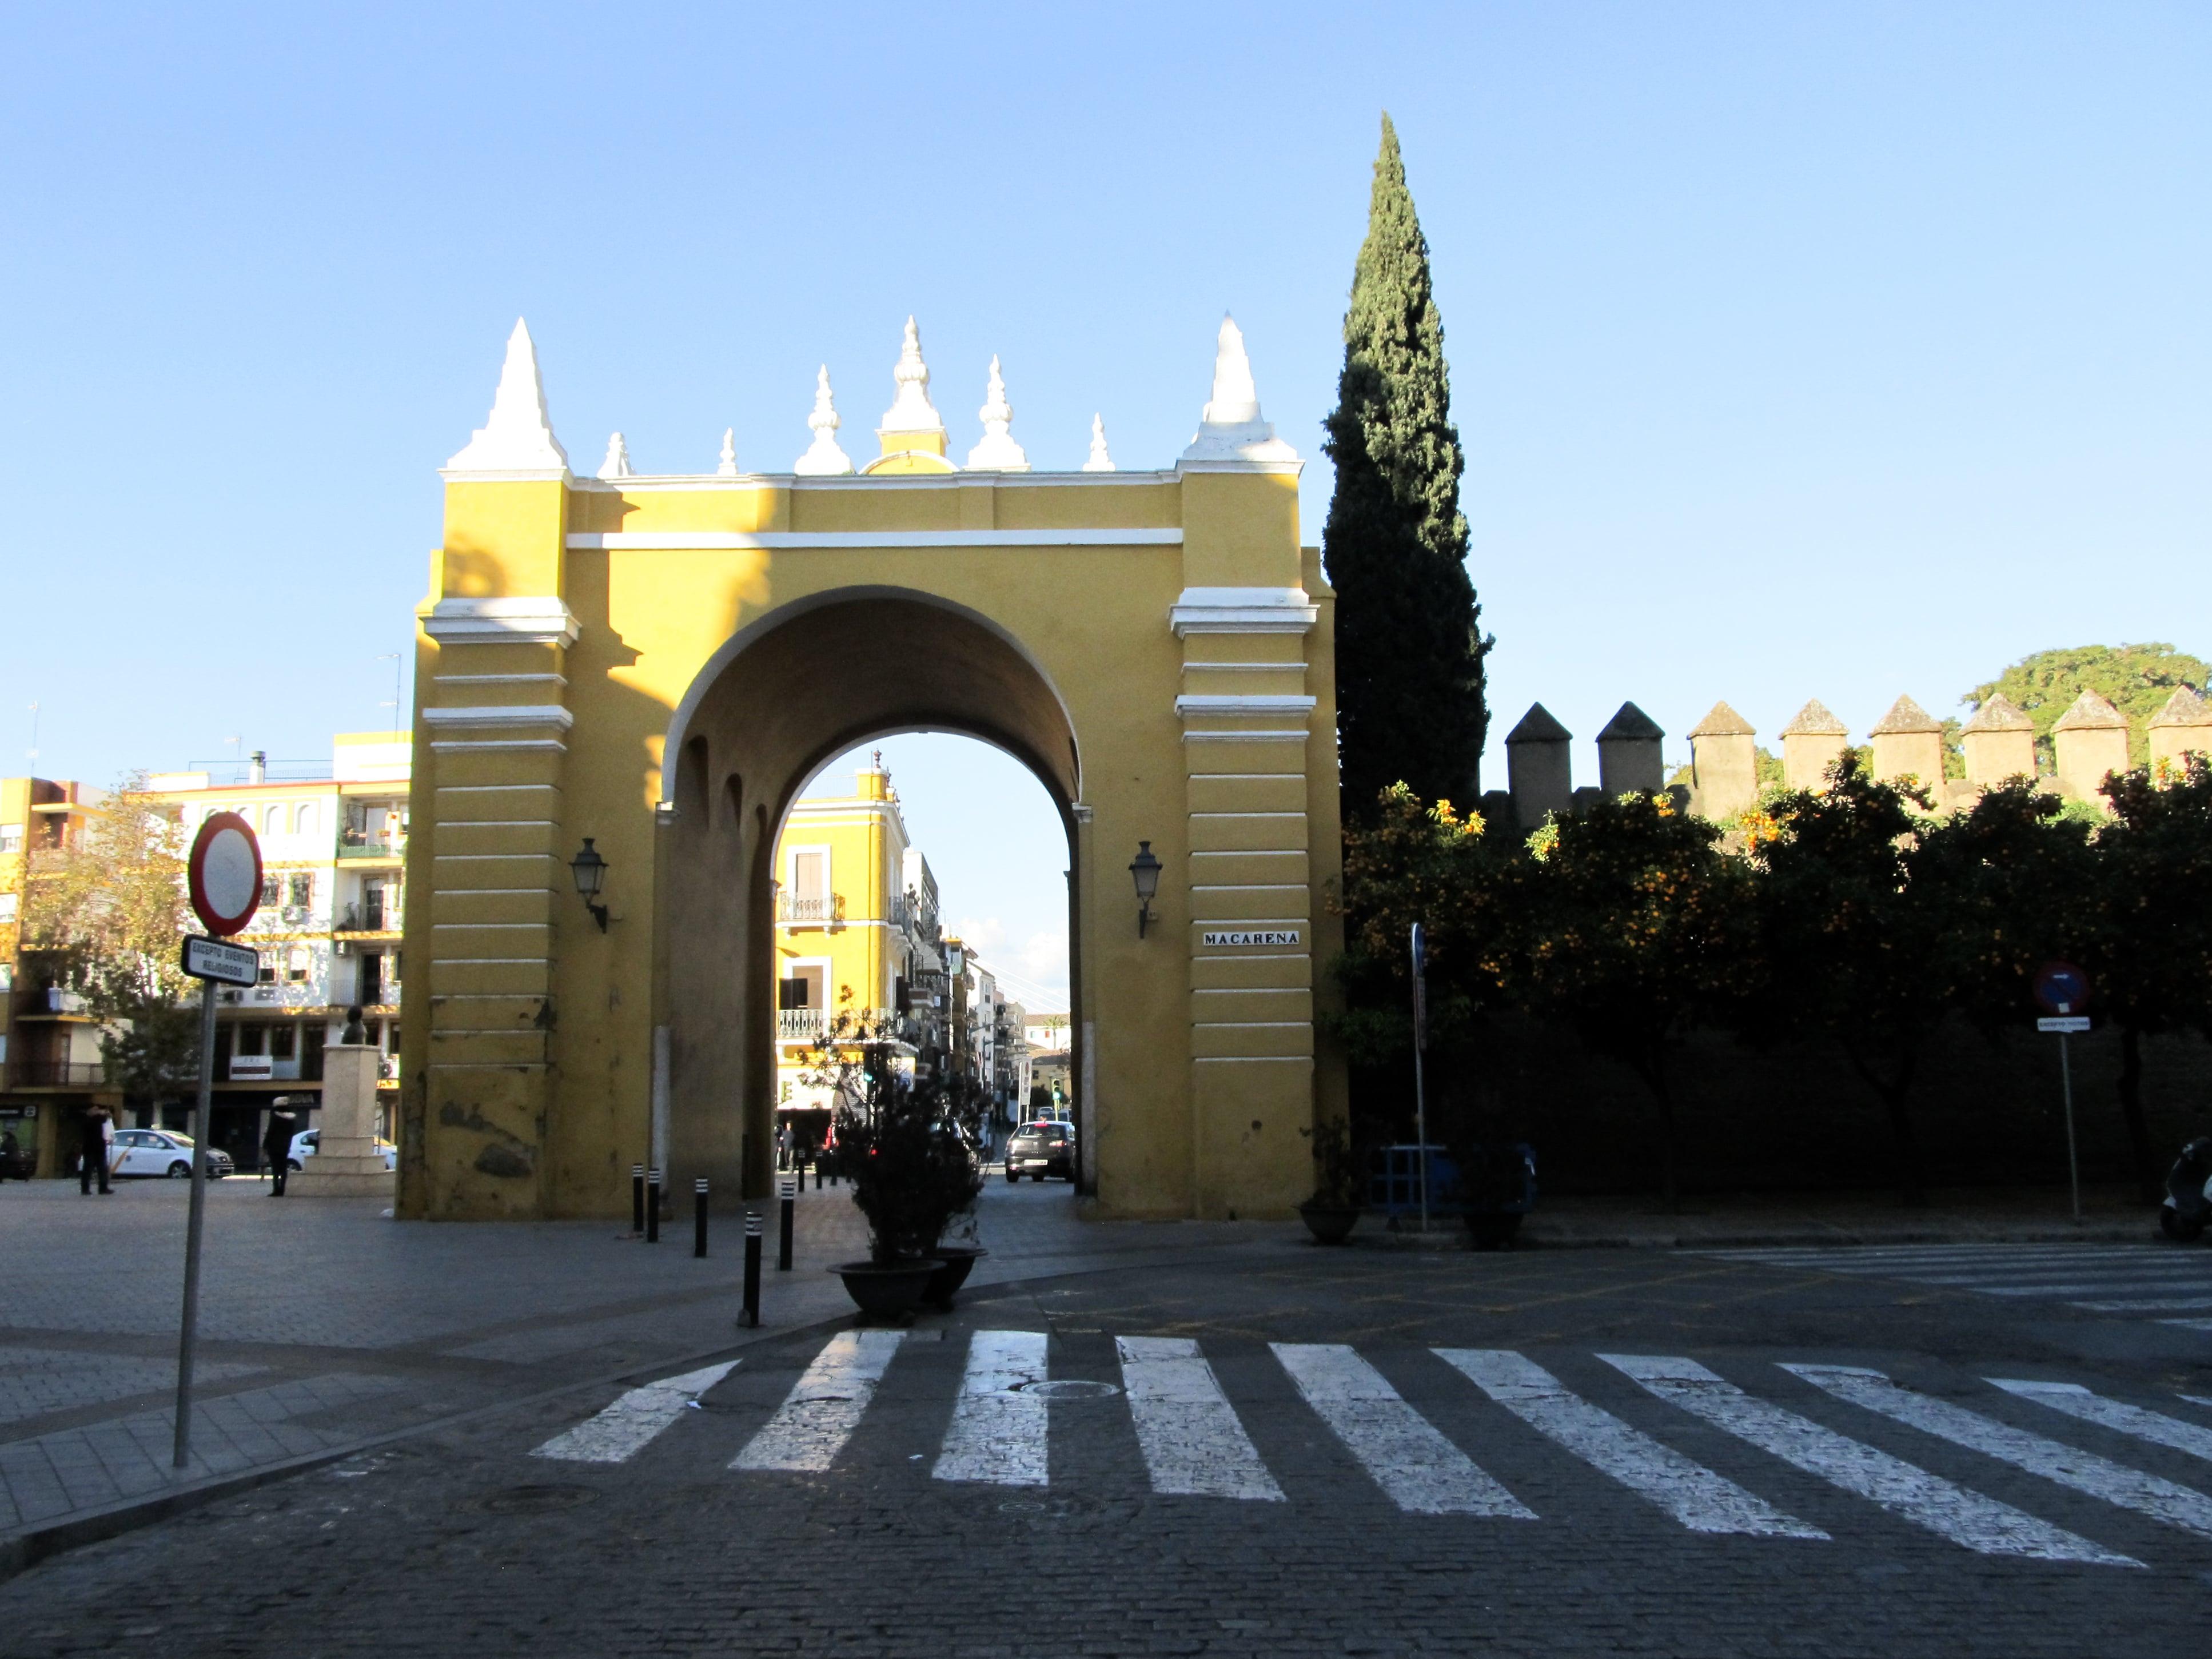 Porte de la Macarena : Partez à Séville à la découverte des quartiers Santa Cruz et La Macarena en plein mois de janvier.